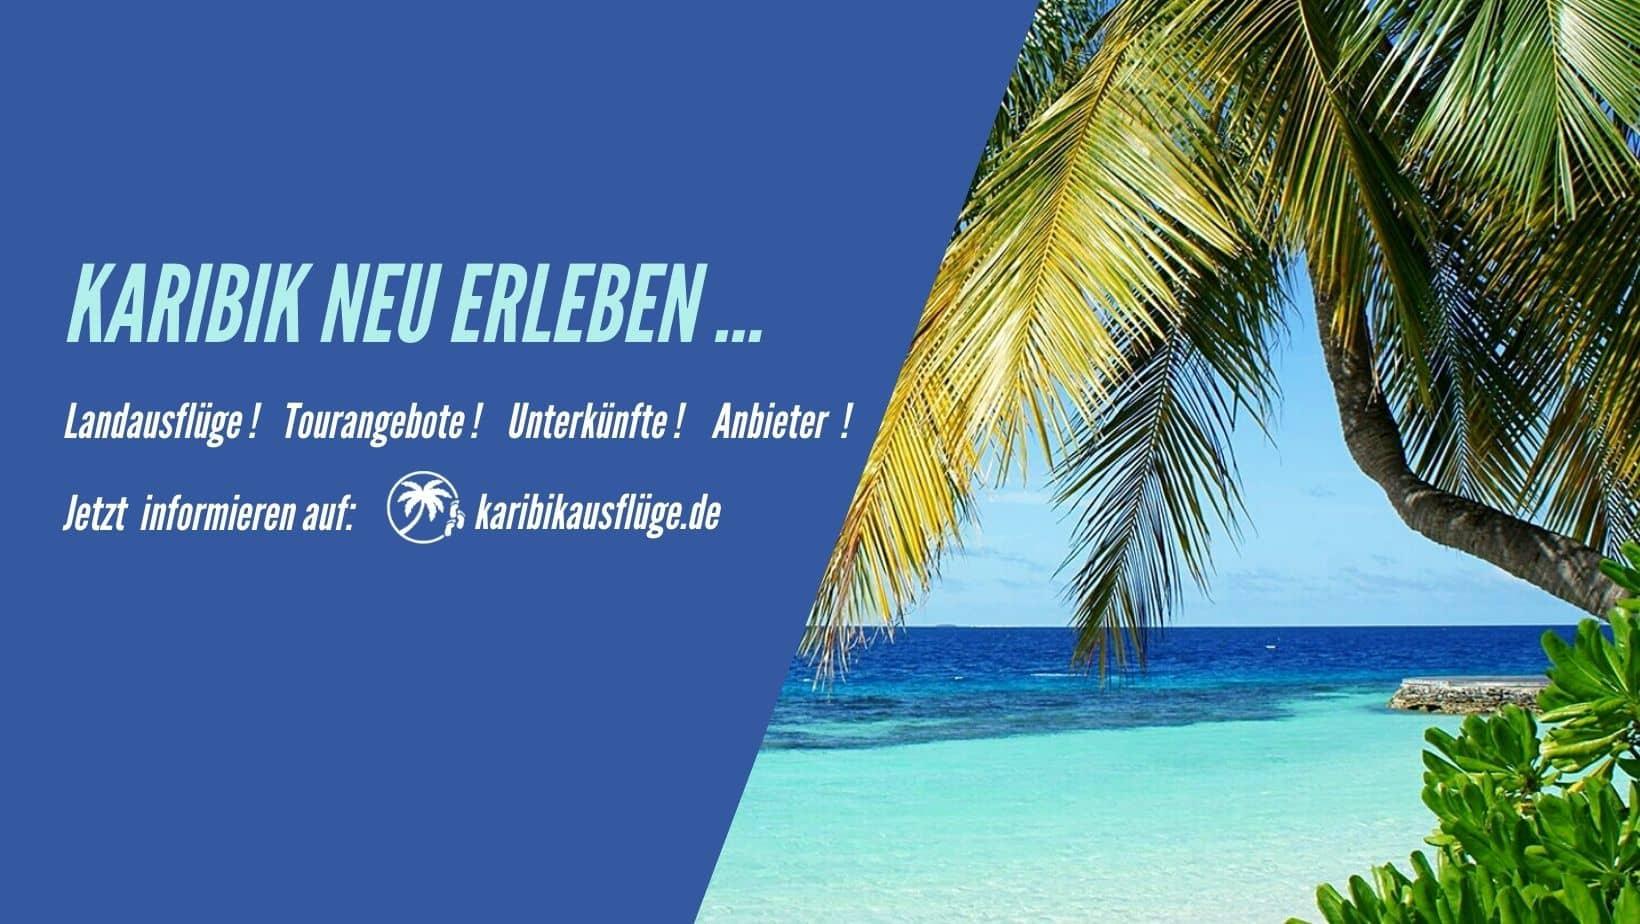 Deutschsprachige Touren in der Karibik